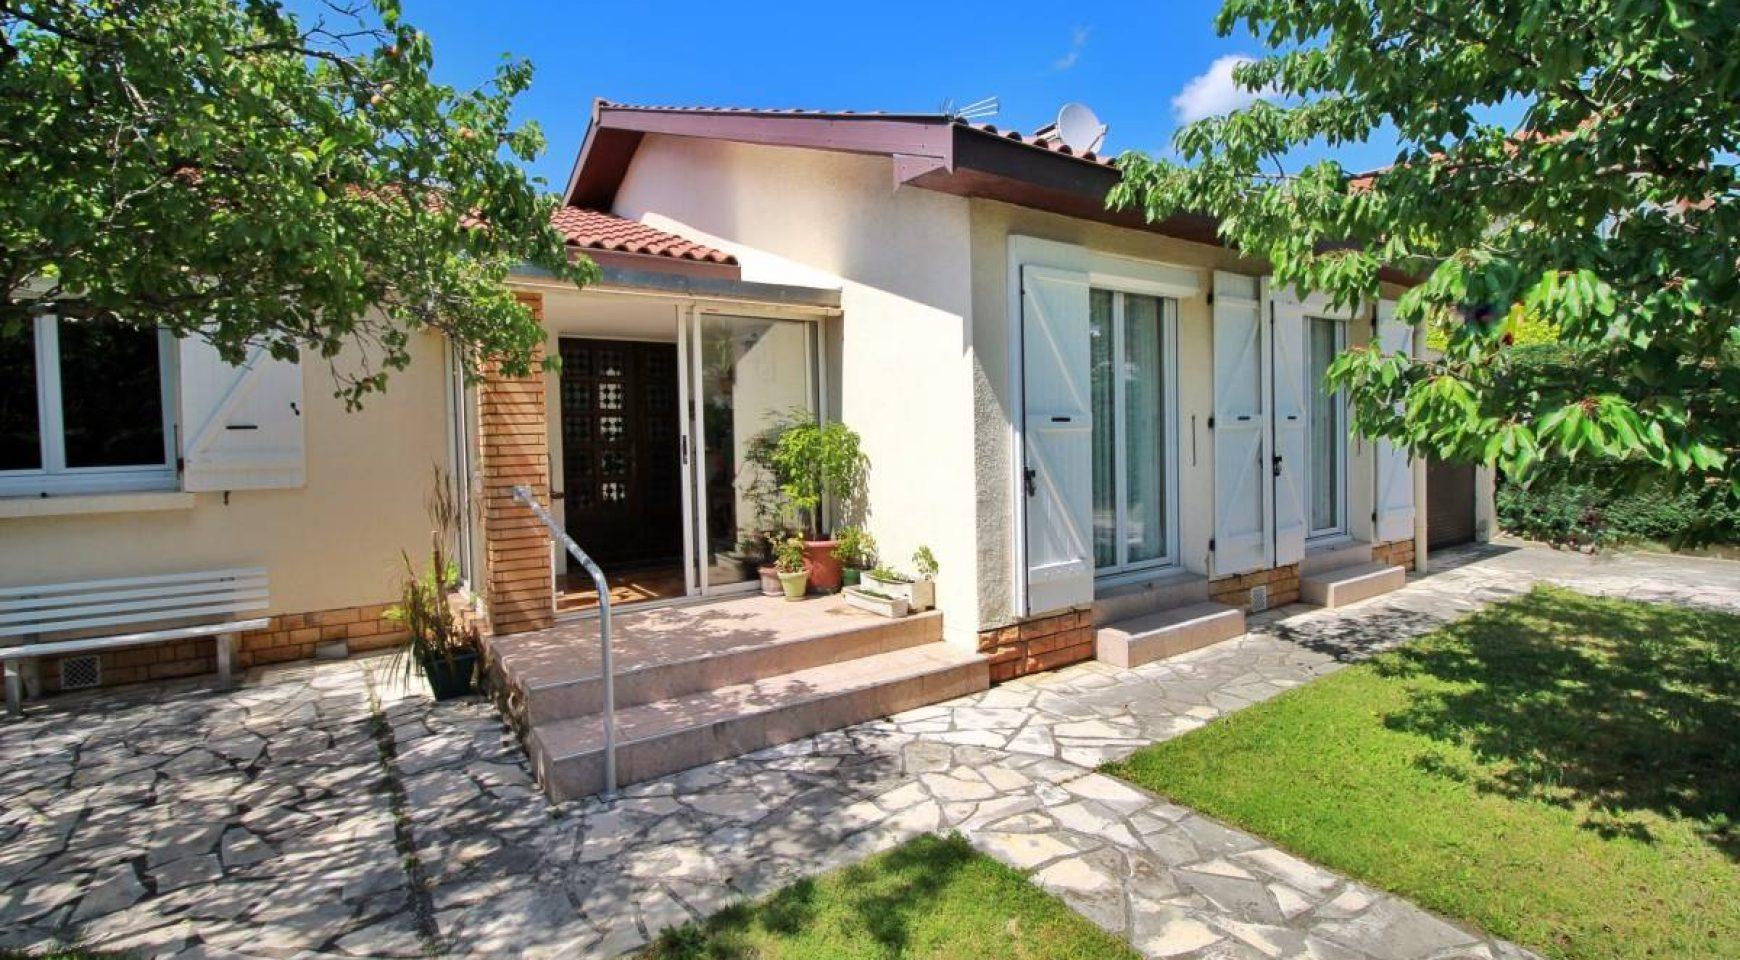 Garage Blagnac : vendu blagnac maison t4 plain pied avec garage et buanderie agence immobili re blagnac 31700 ~ Gottalentnigeria.com Avis de Voitures